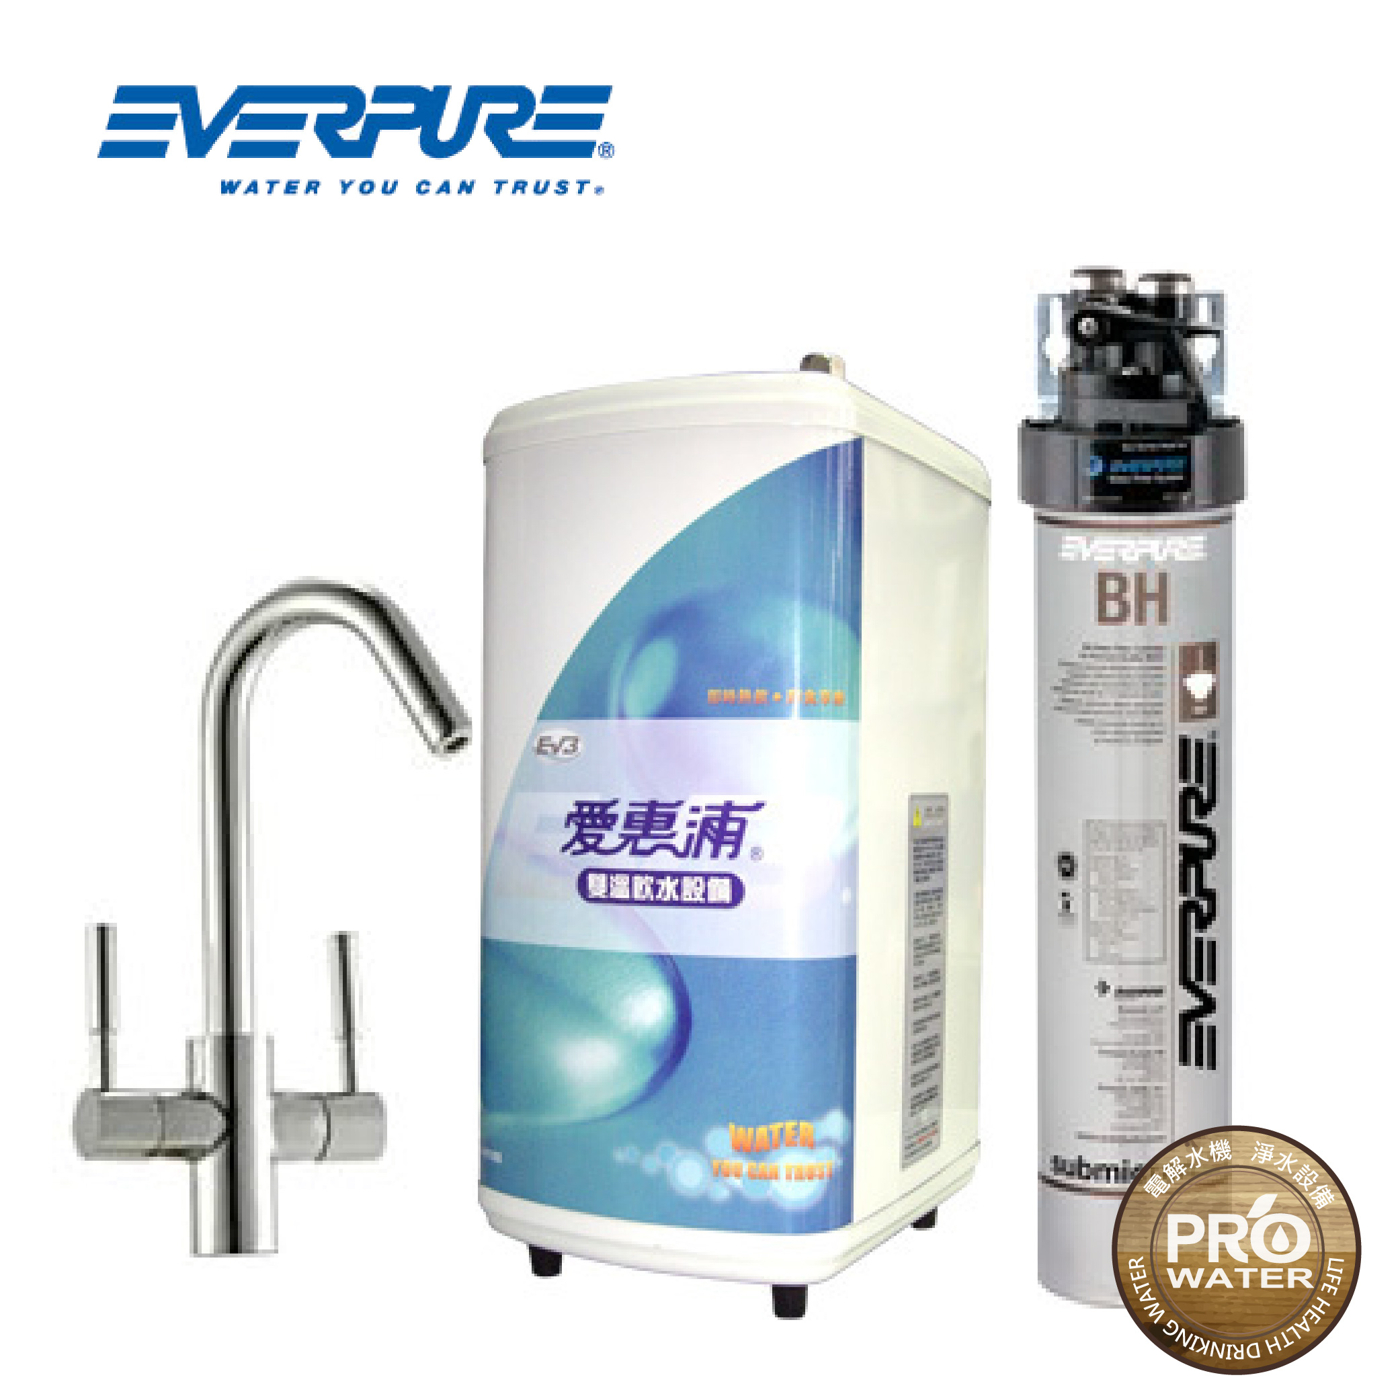 愛惠浦淨水器~愛惠浦雙溫飲水設備EVB-H188愛惠浦QL3-BH2濾水器廚下型加熱器含304不鏽鋼龍頭